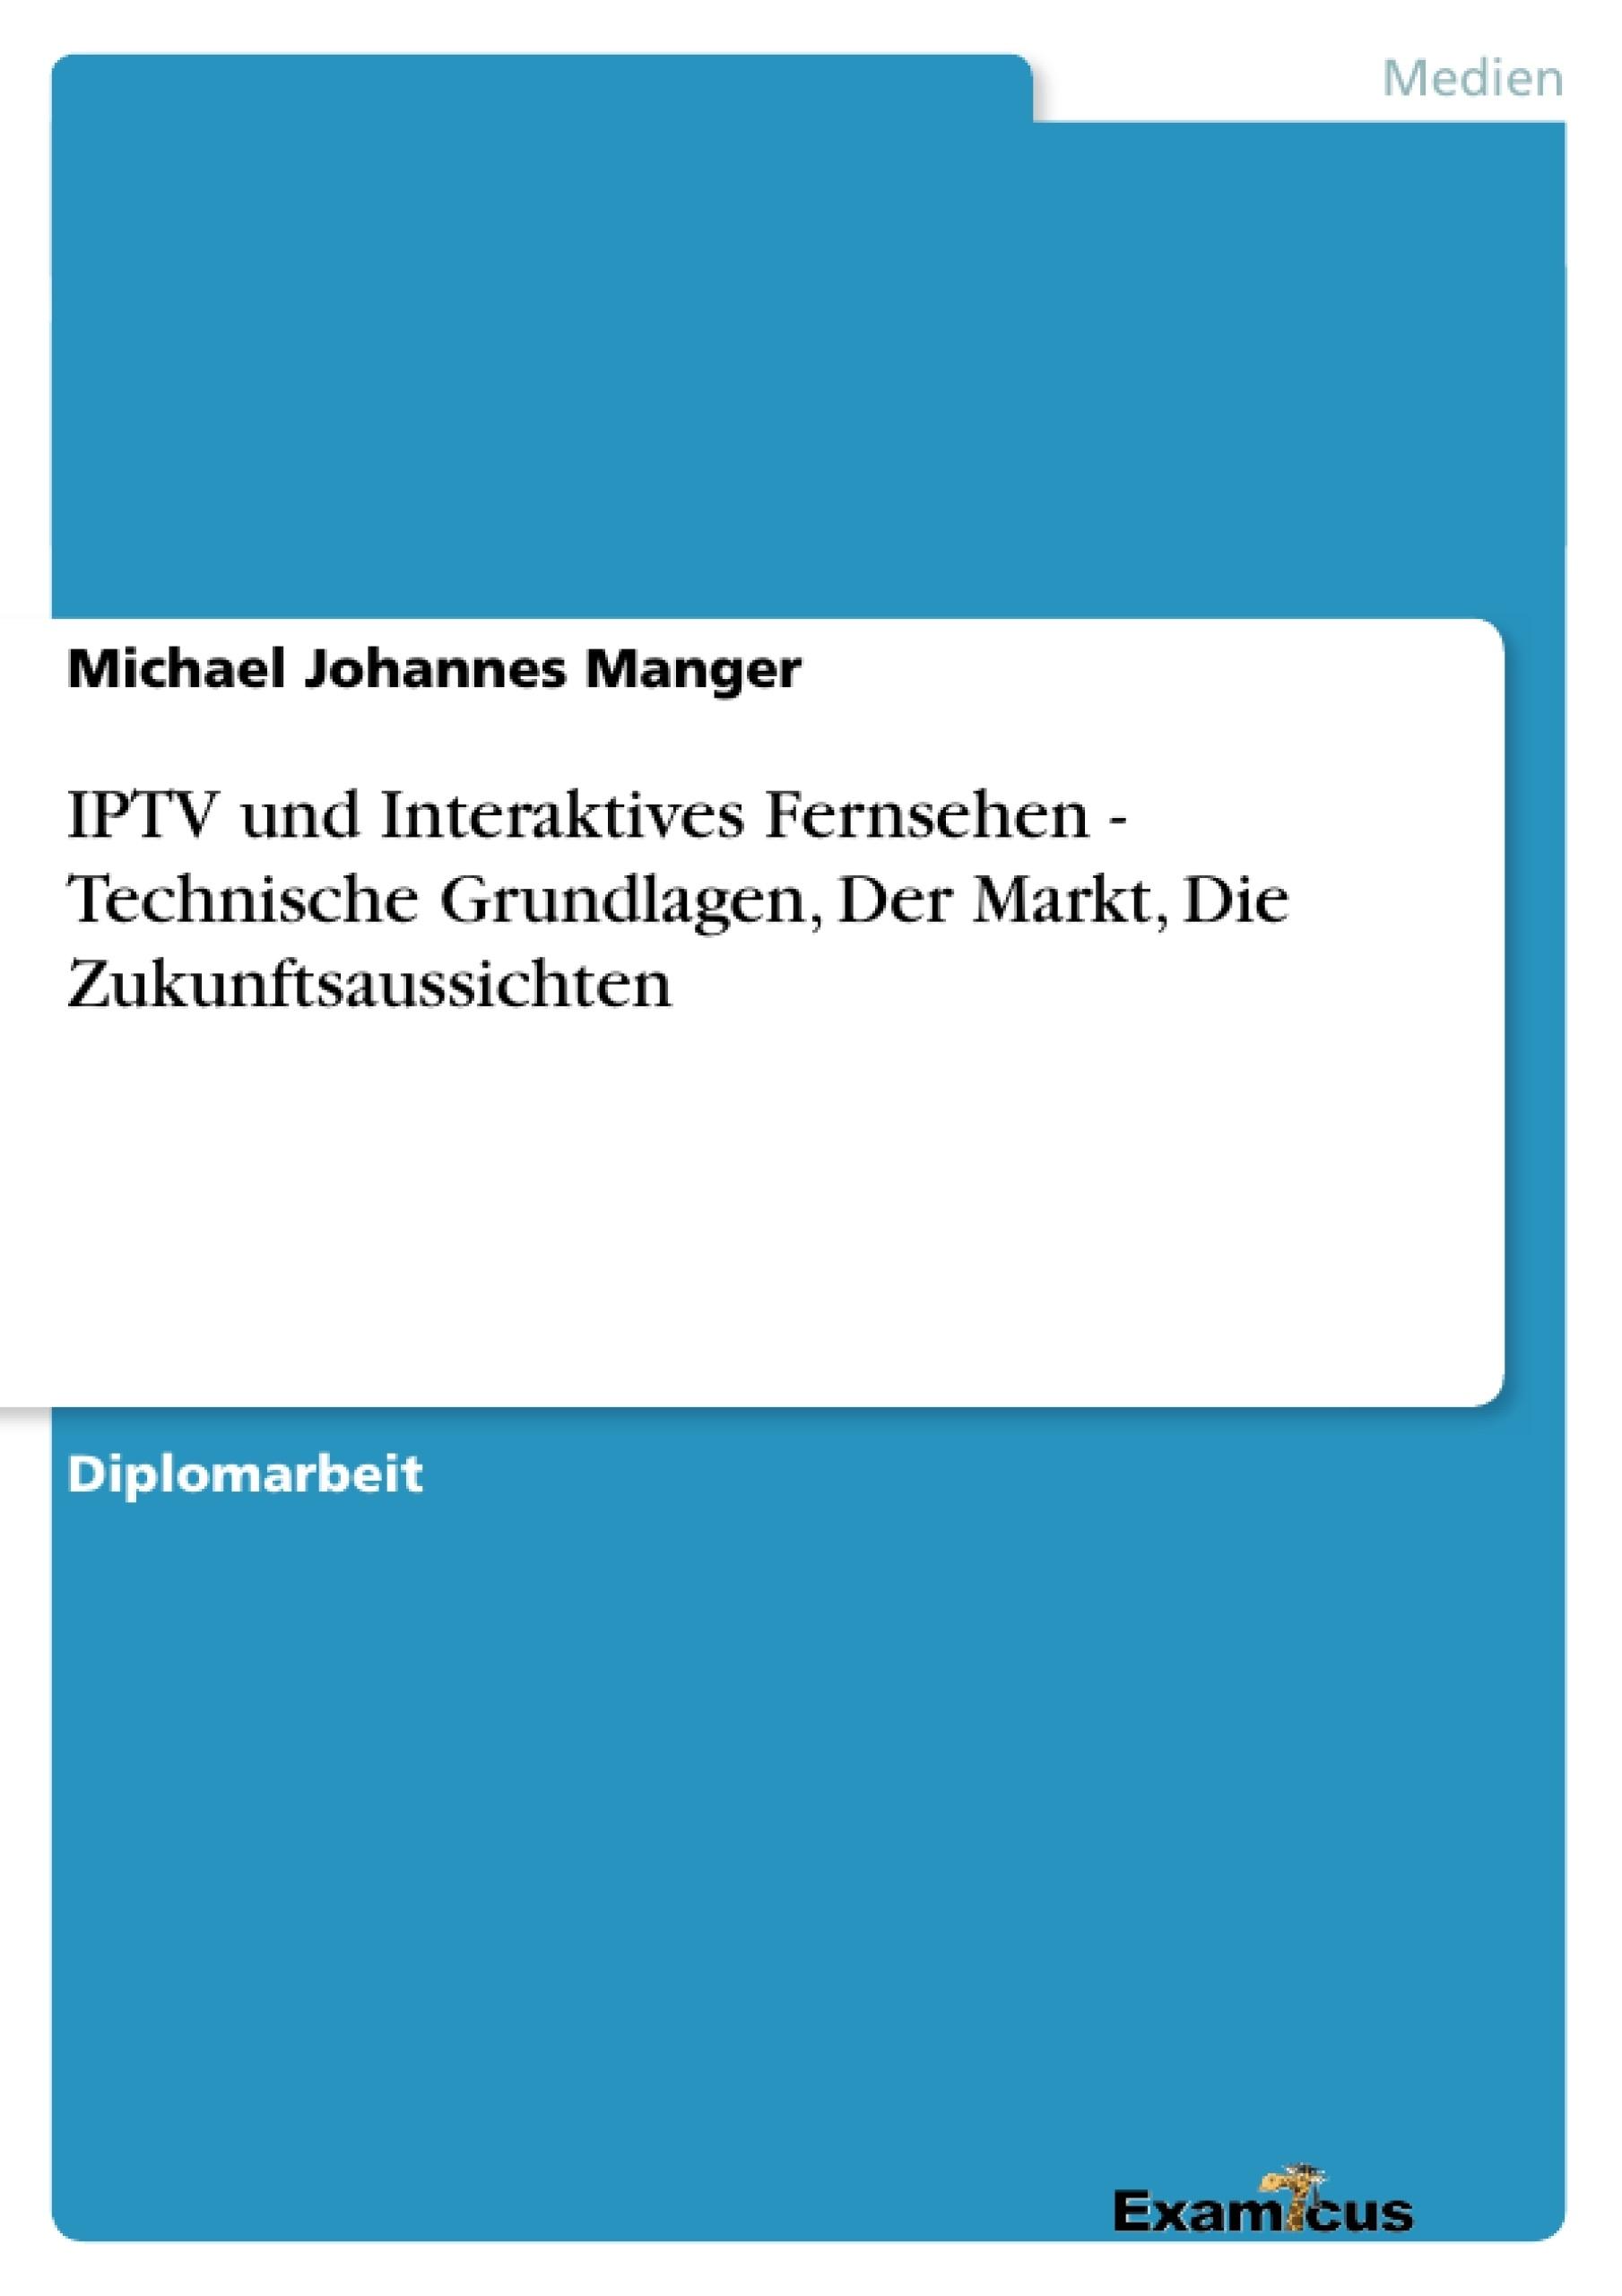 Titel: IPTV und Interaktives Fernsehen - Technische Grundlagen, Der Markt, Die Zukunftsaussichten